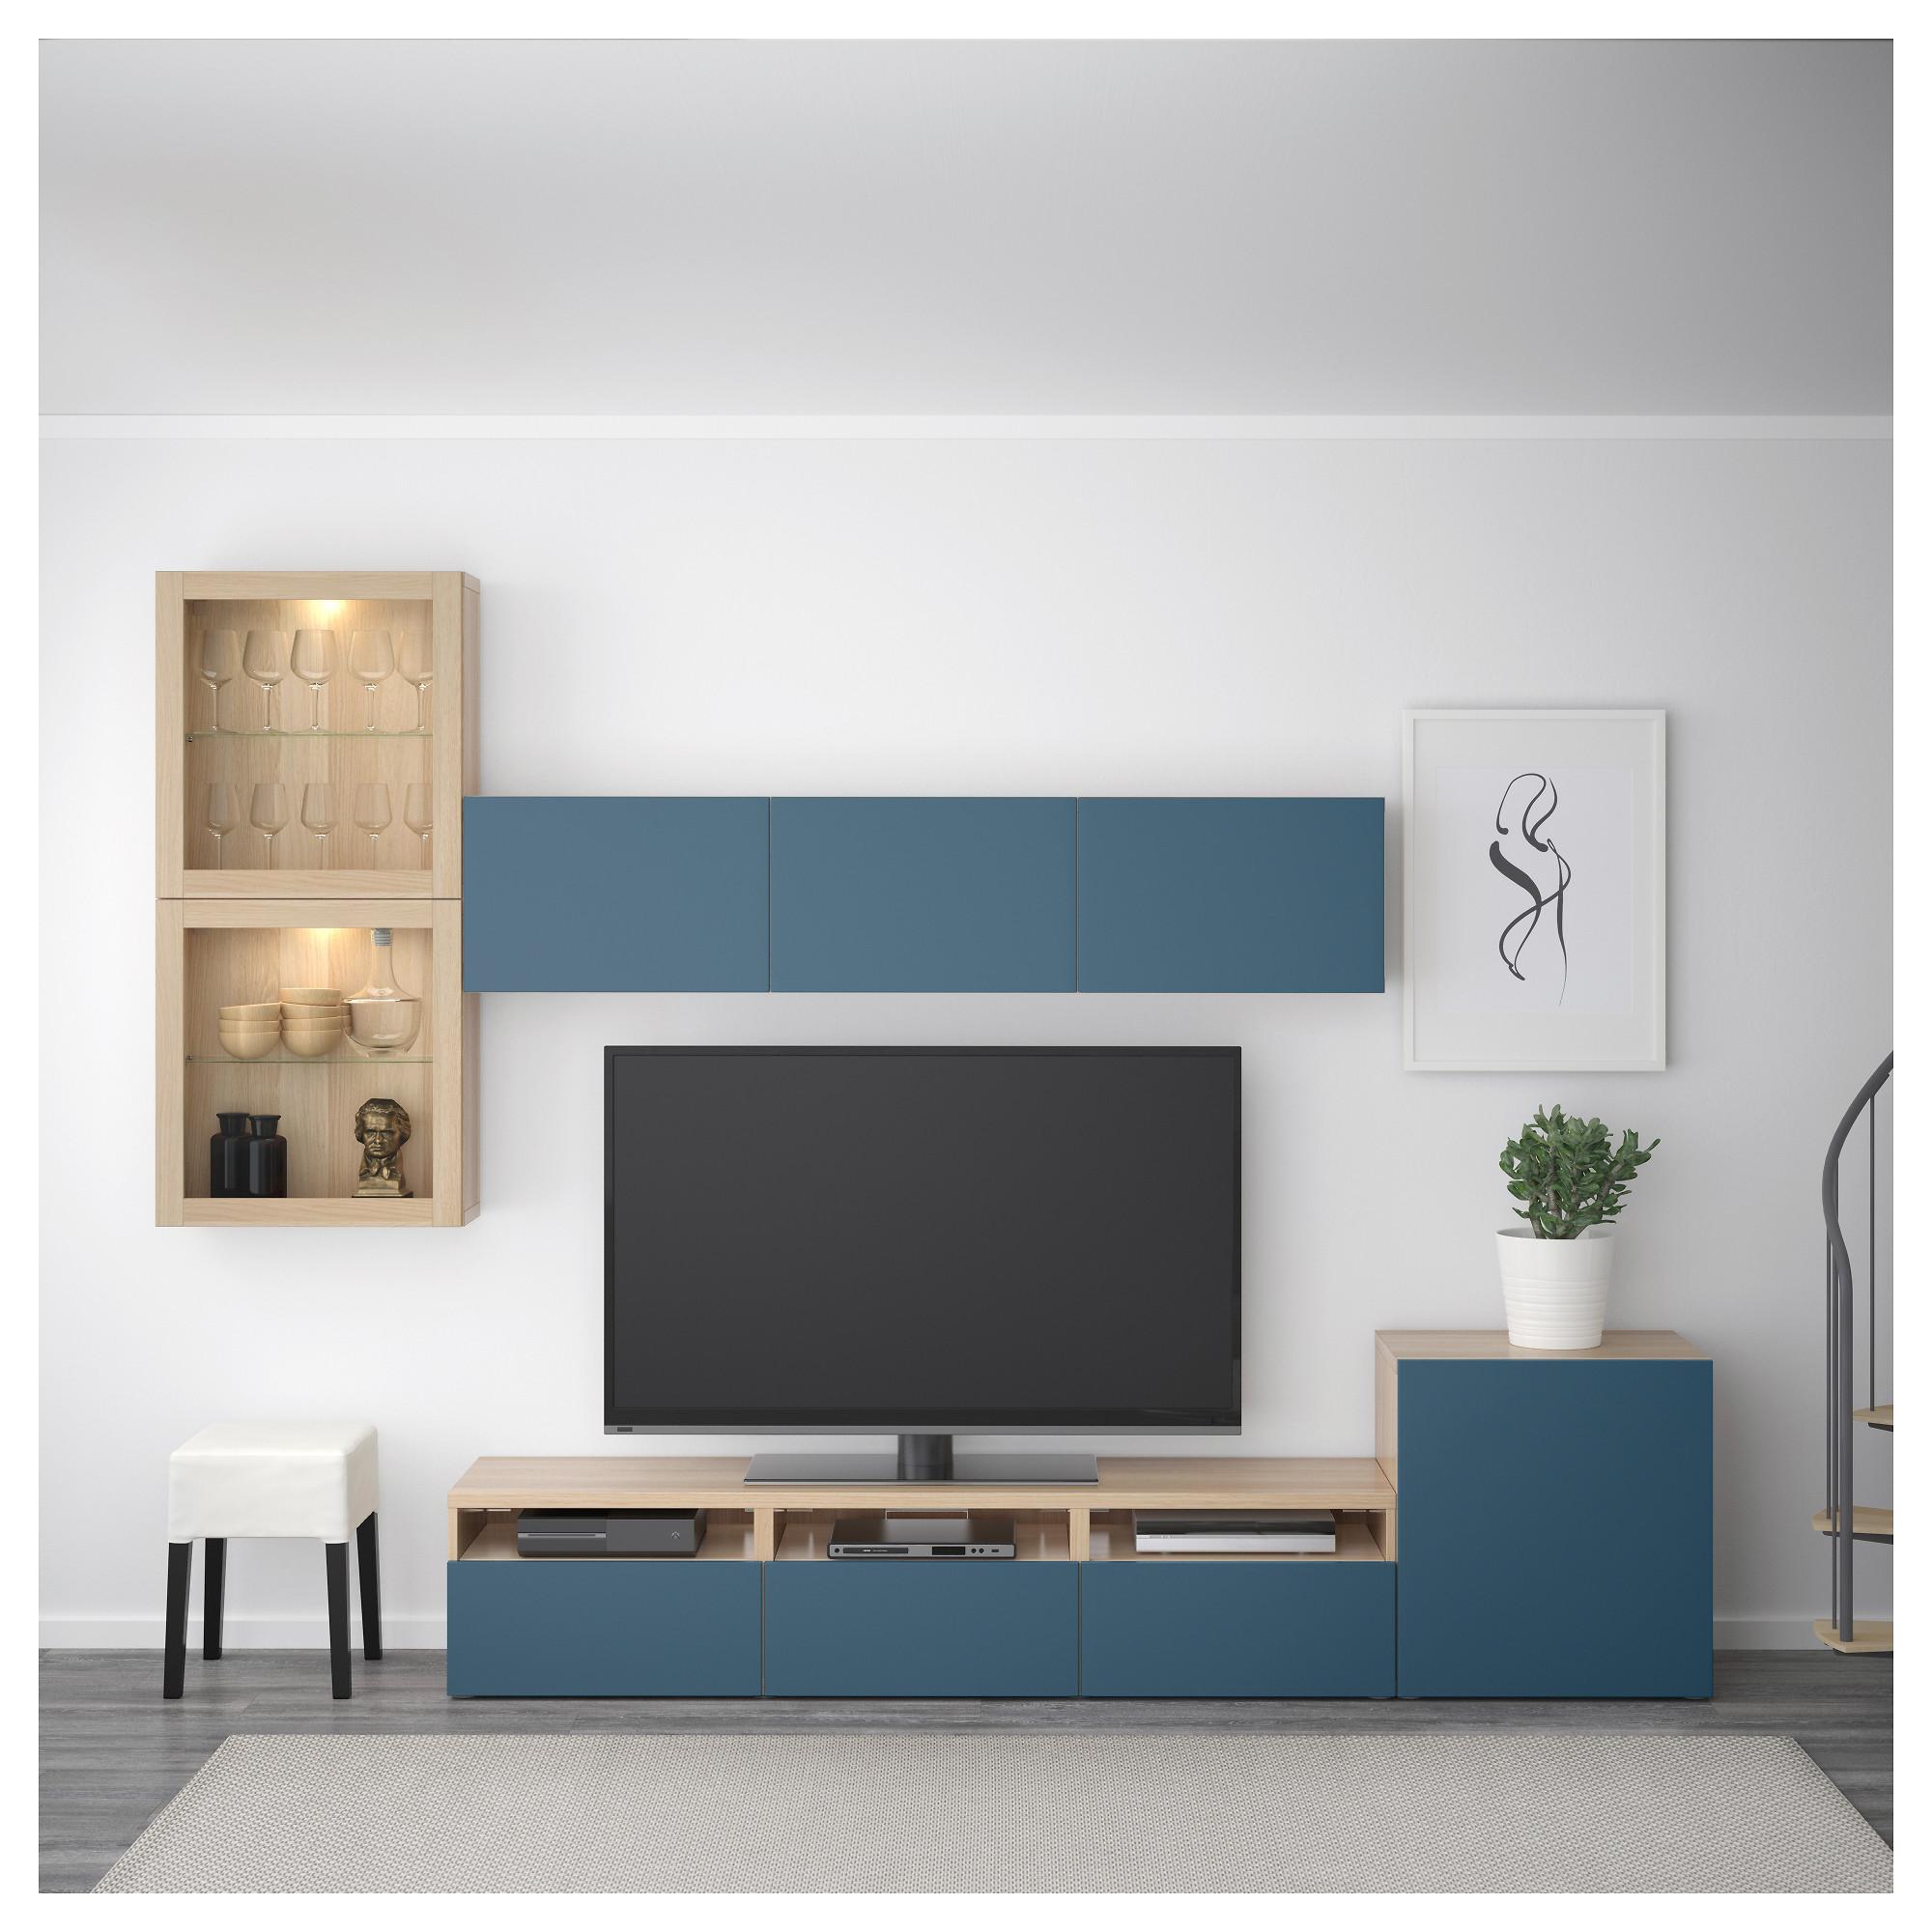 Шкаф для ТВ, комбинированный, стекляные дверцы БЕСТО темно-синий артикуль № 192.522.29 в наличии. Онлайн магазин ИКЕА РБ. Быстрая доставка и установка.